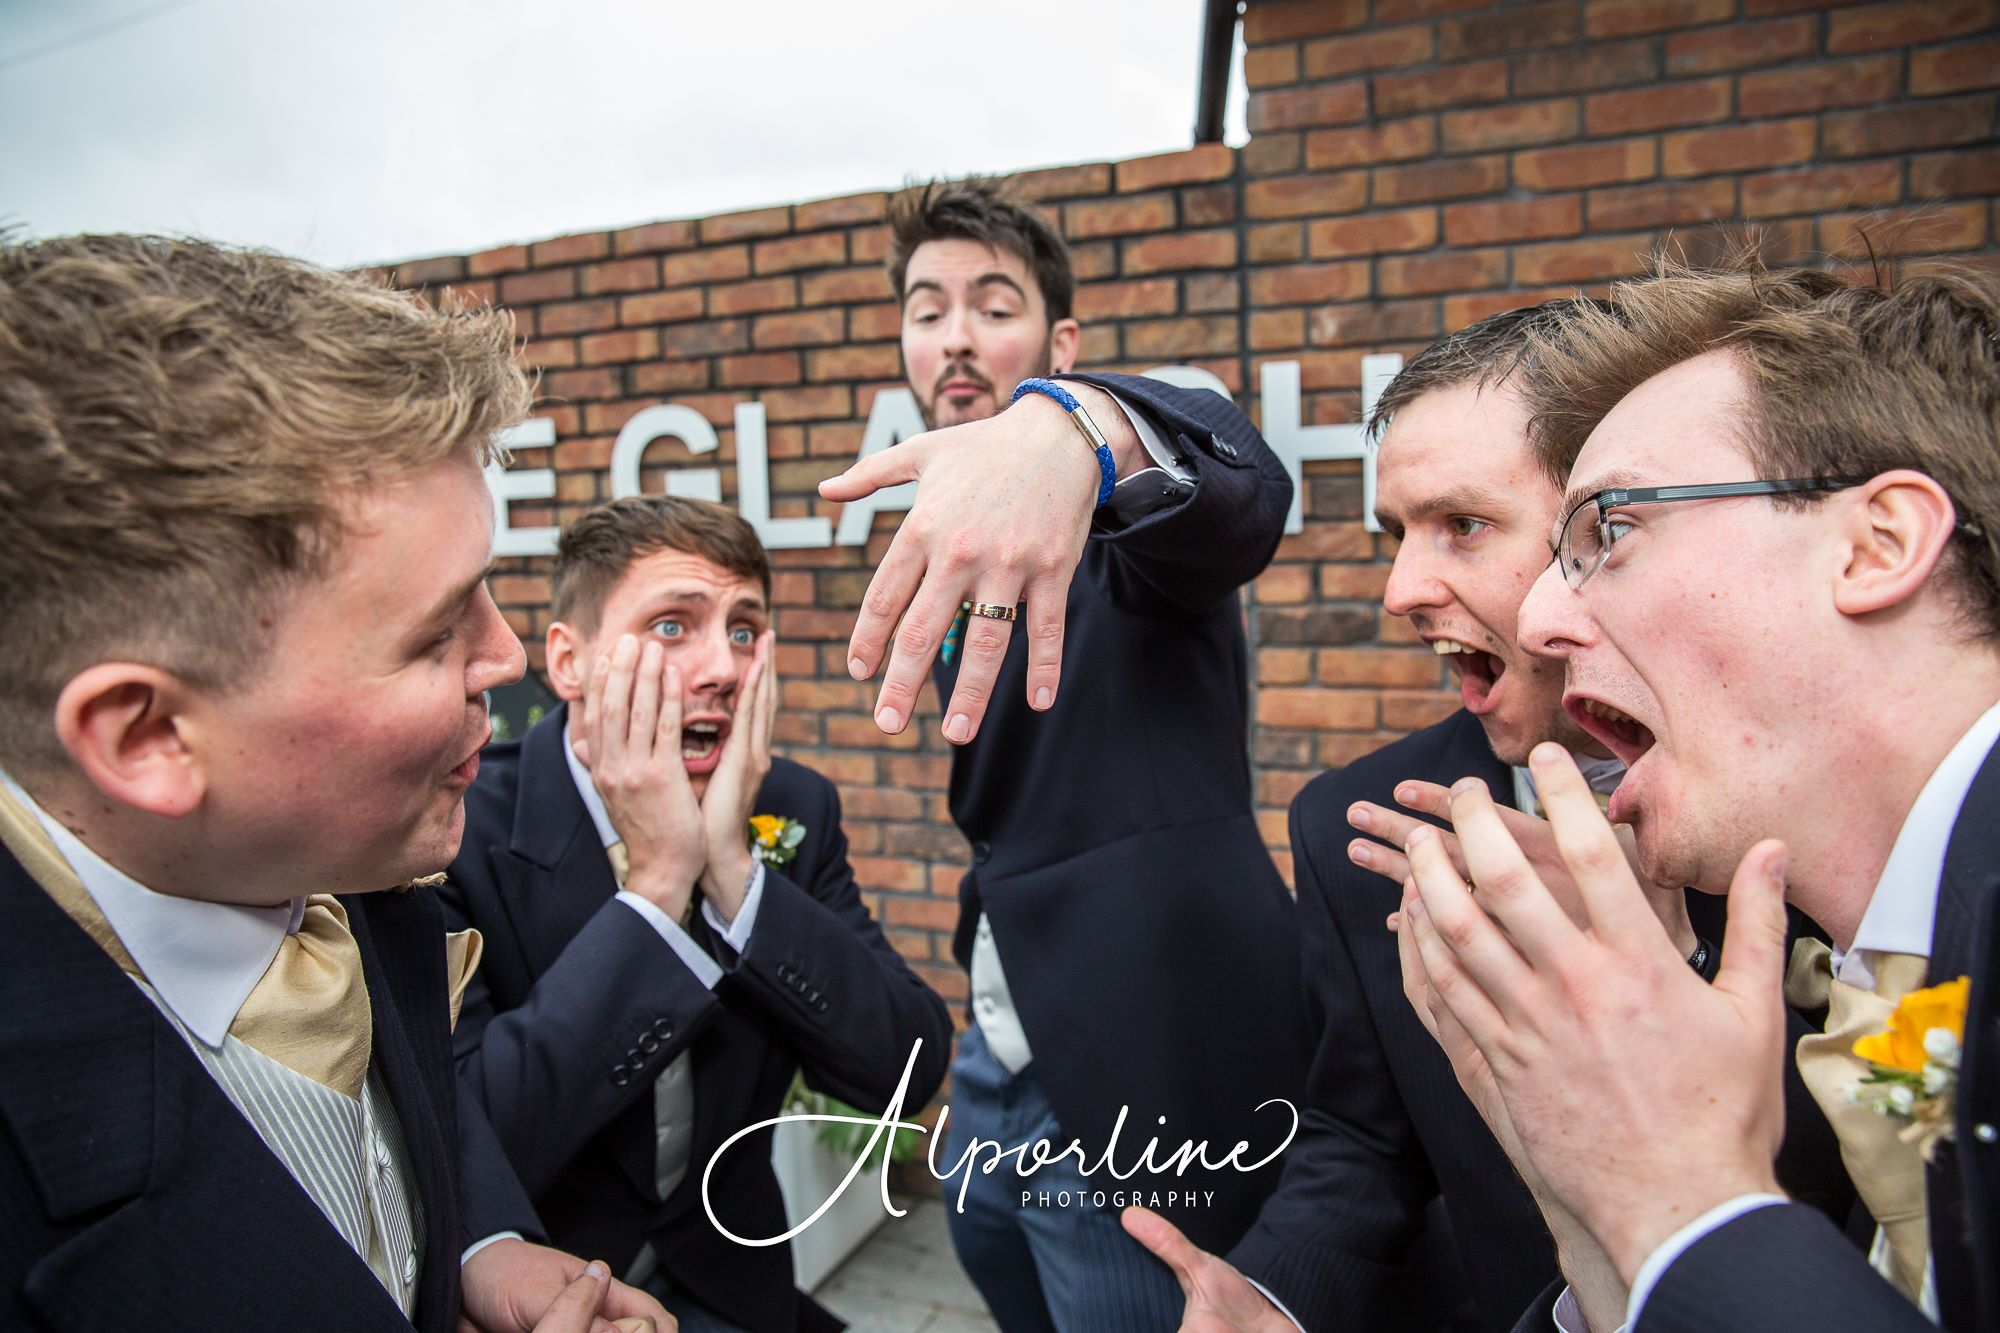 Glasshouse-staining-wedding-photograph-blackpool-wedding-photographer.jpg